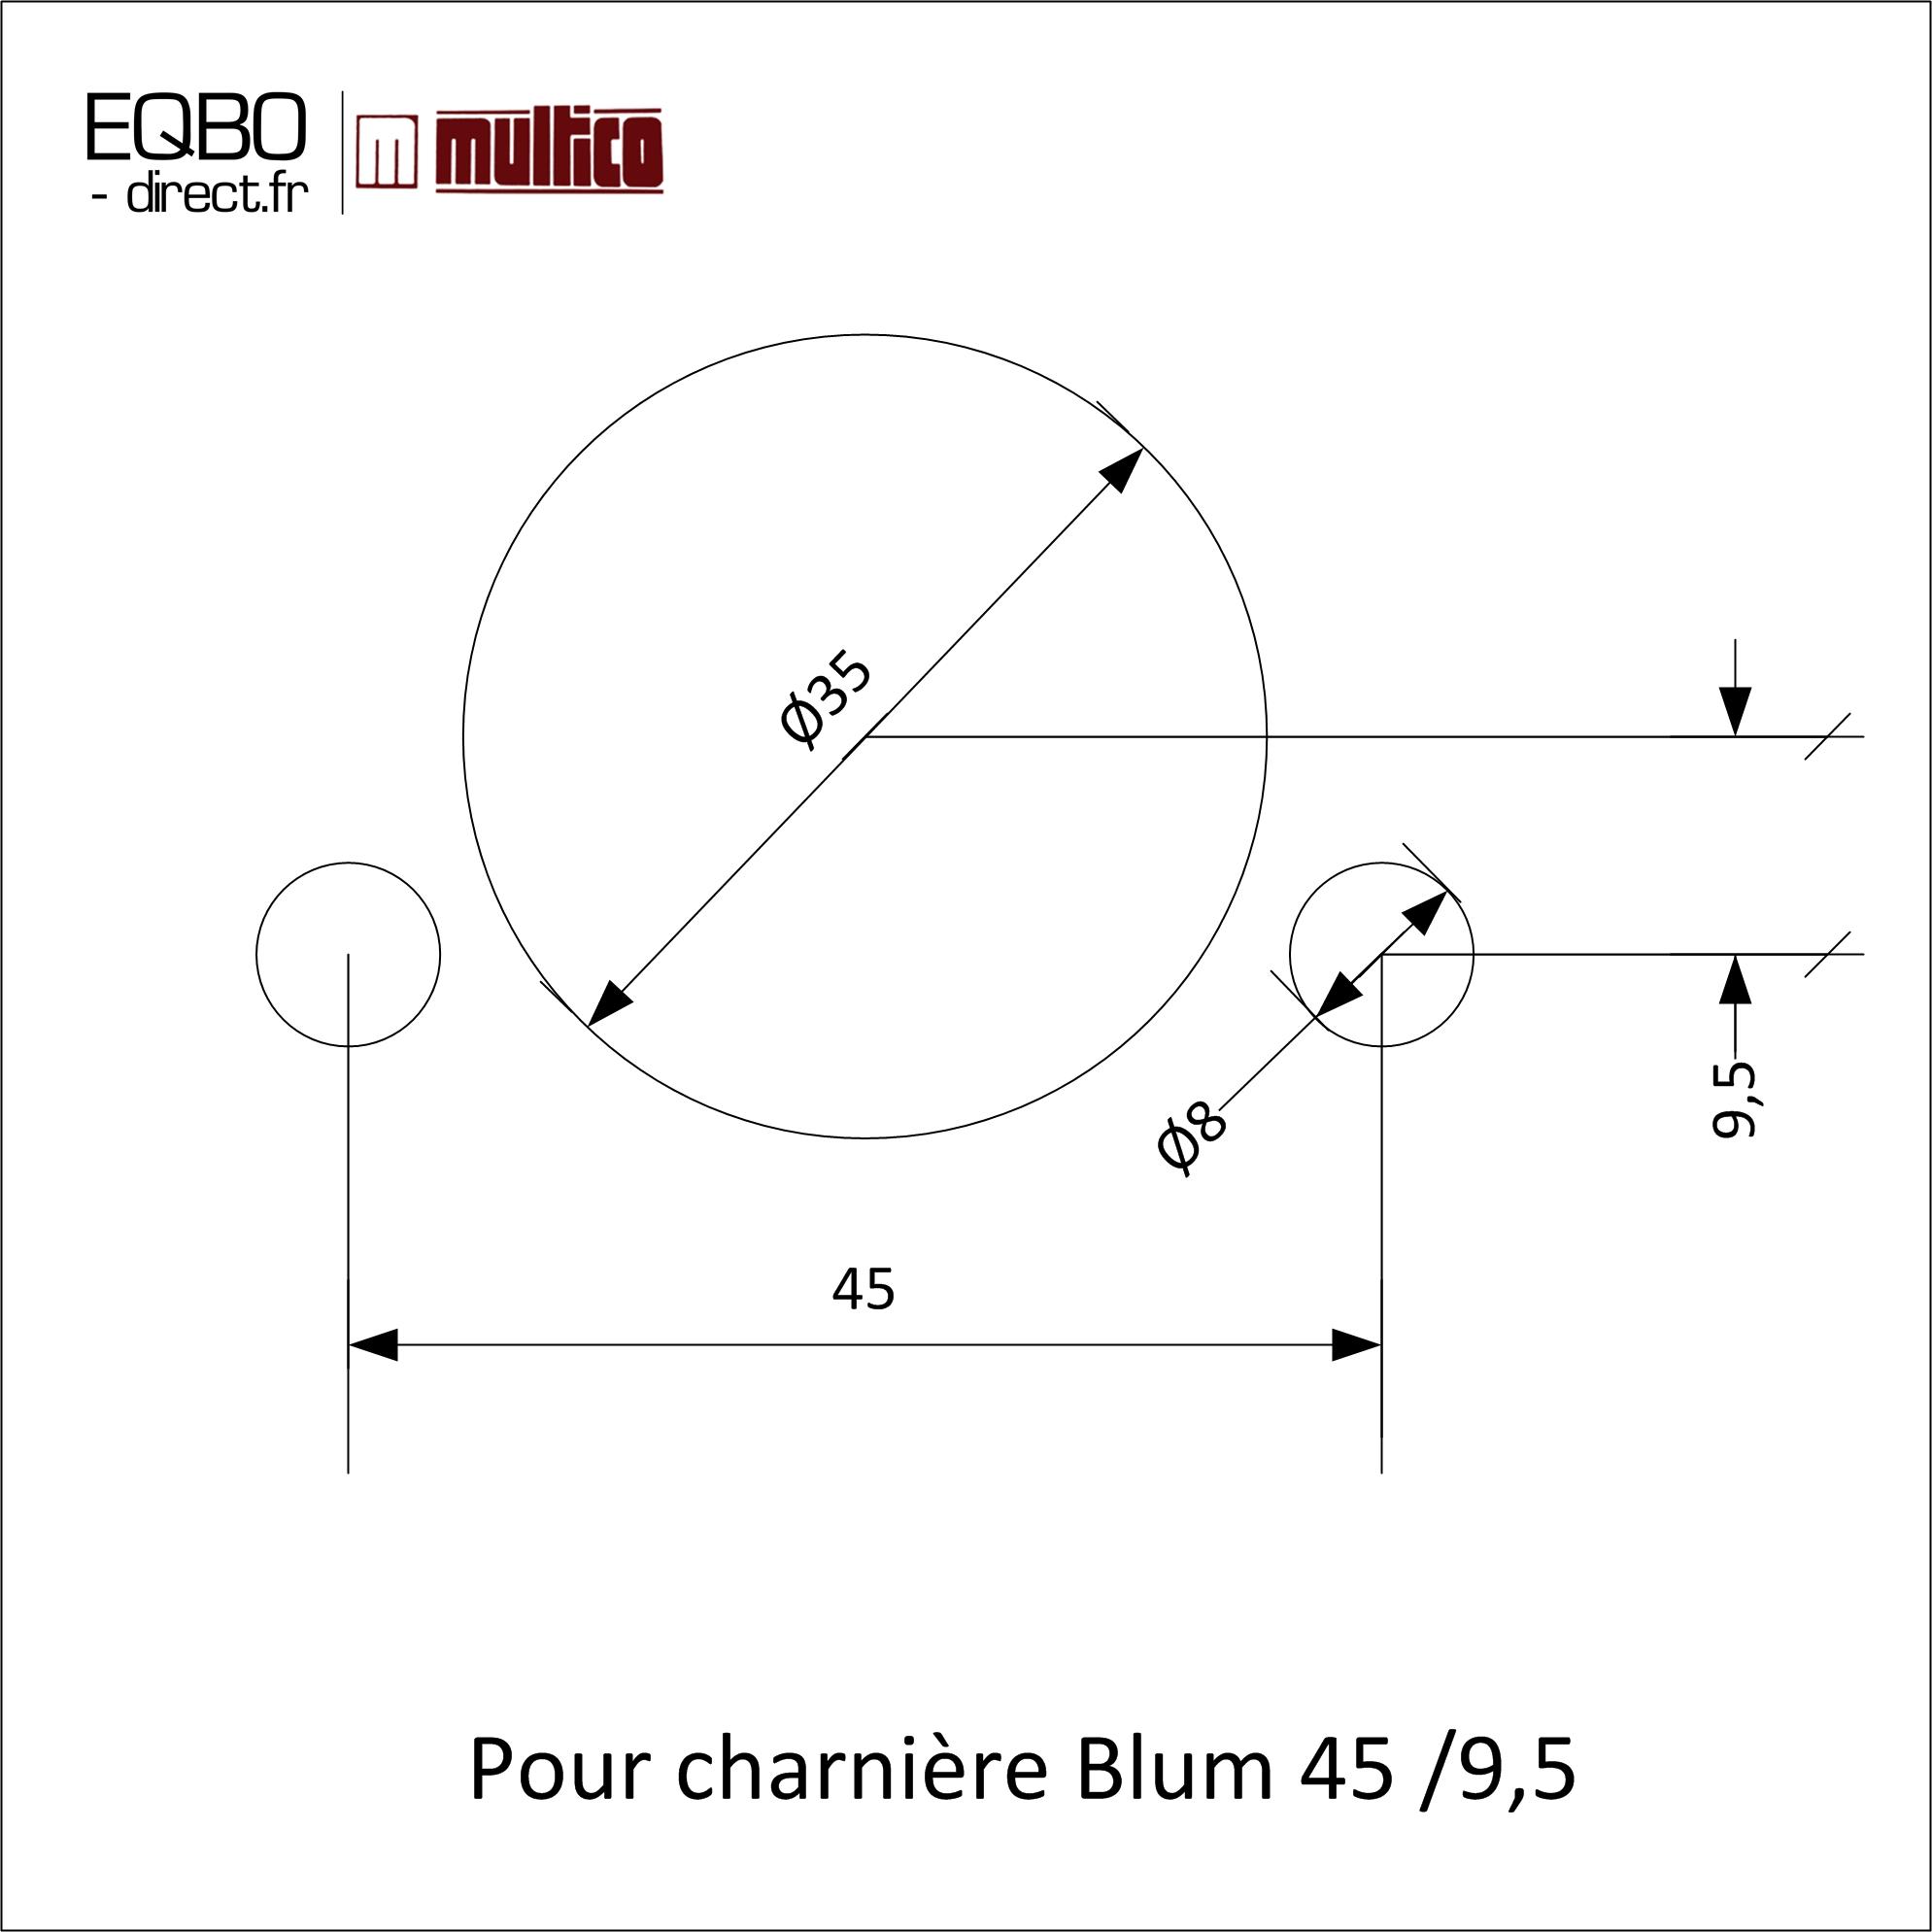 Charnière Blum